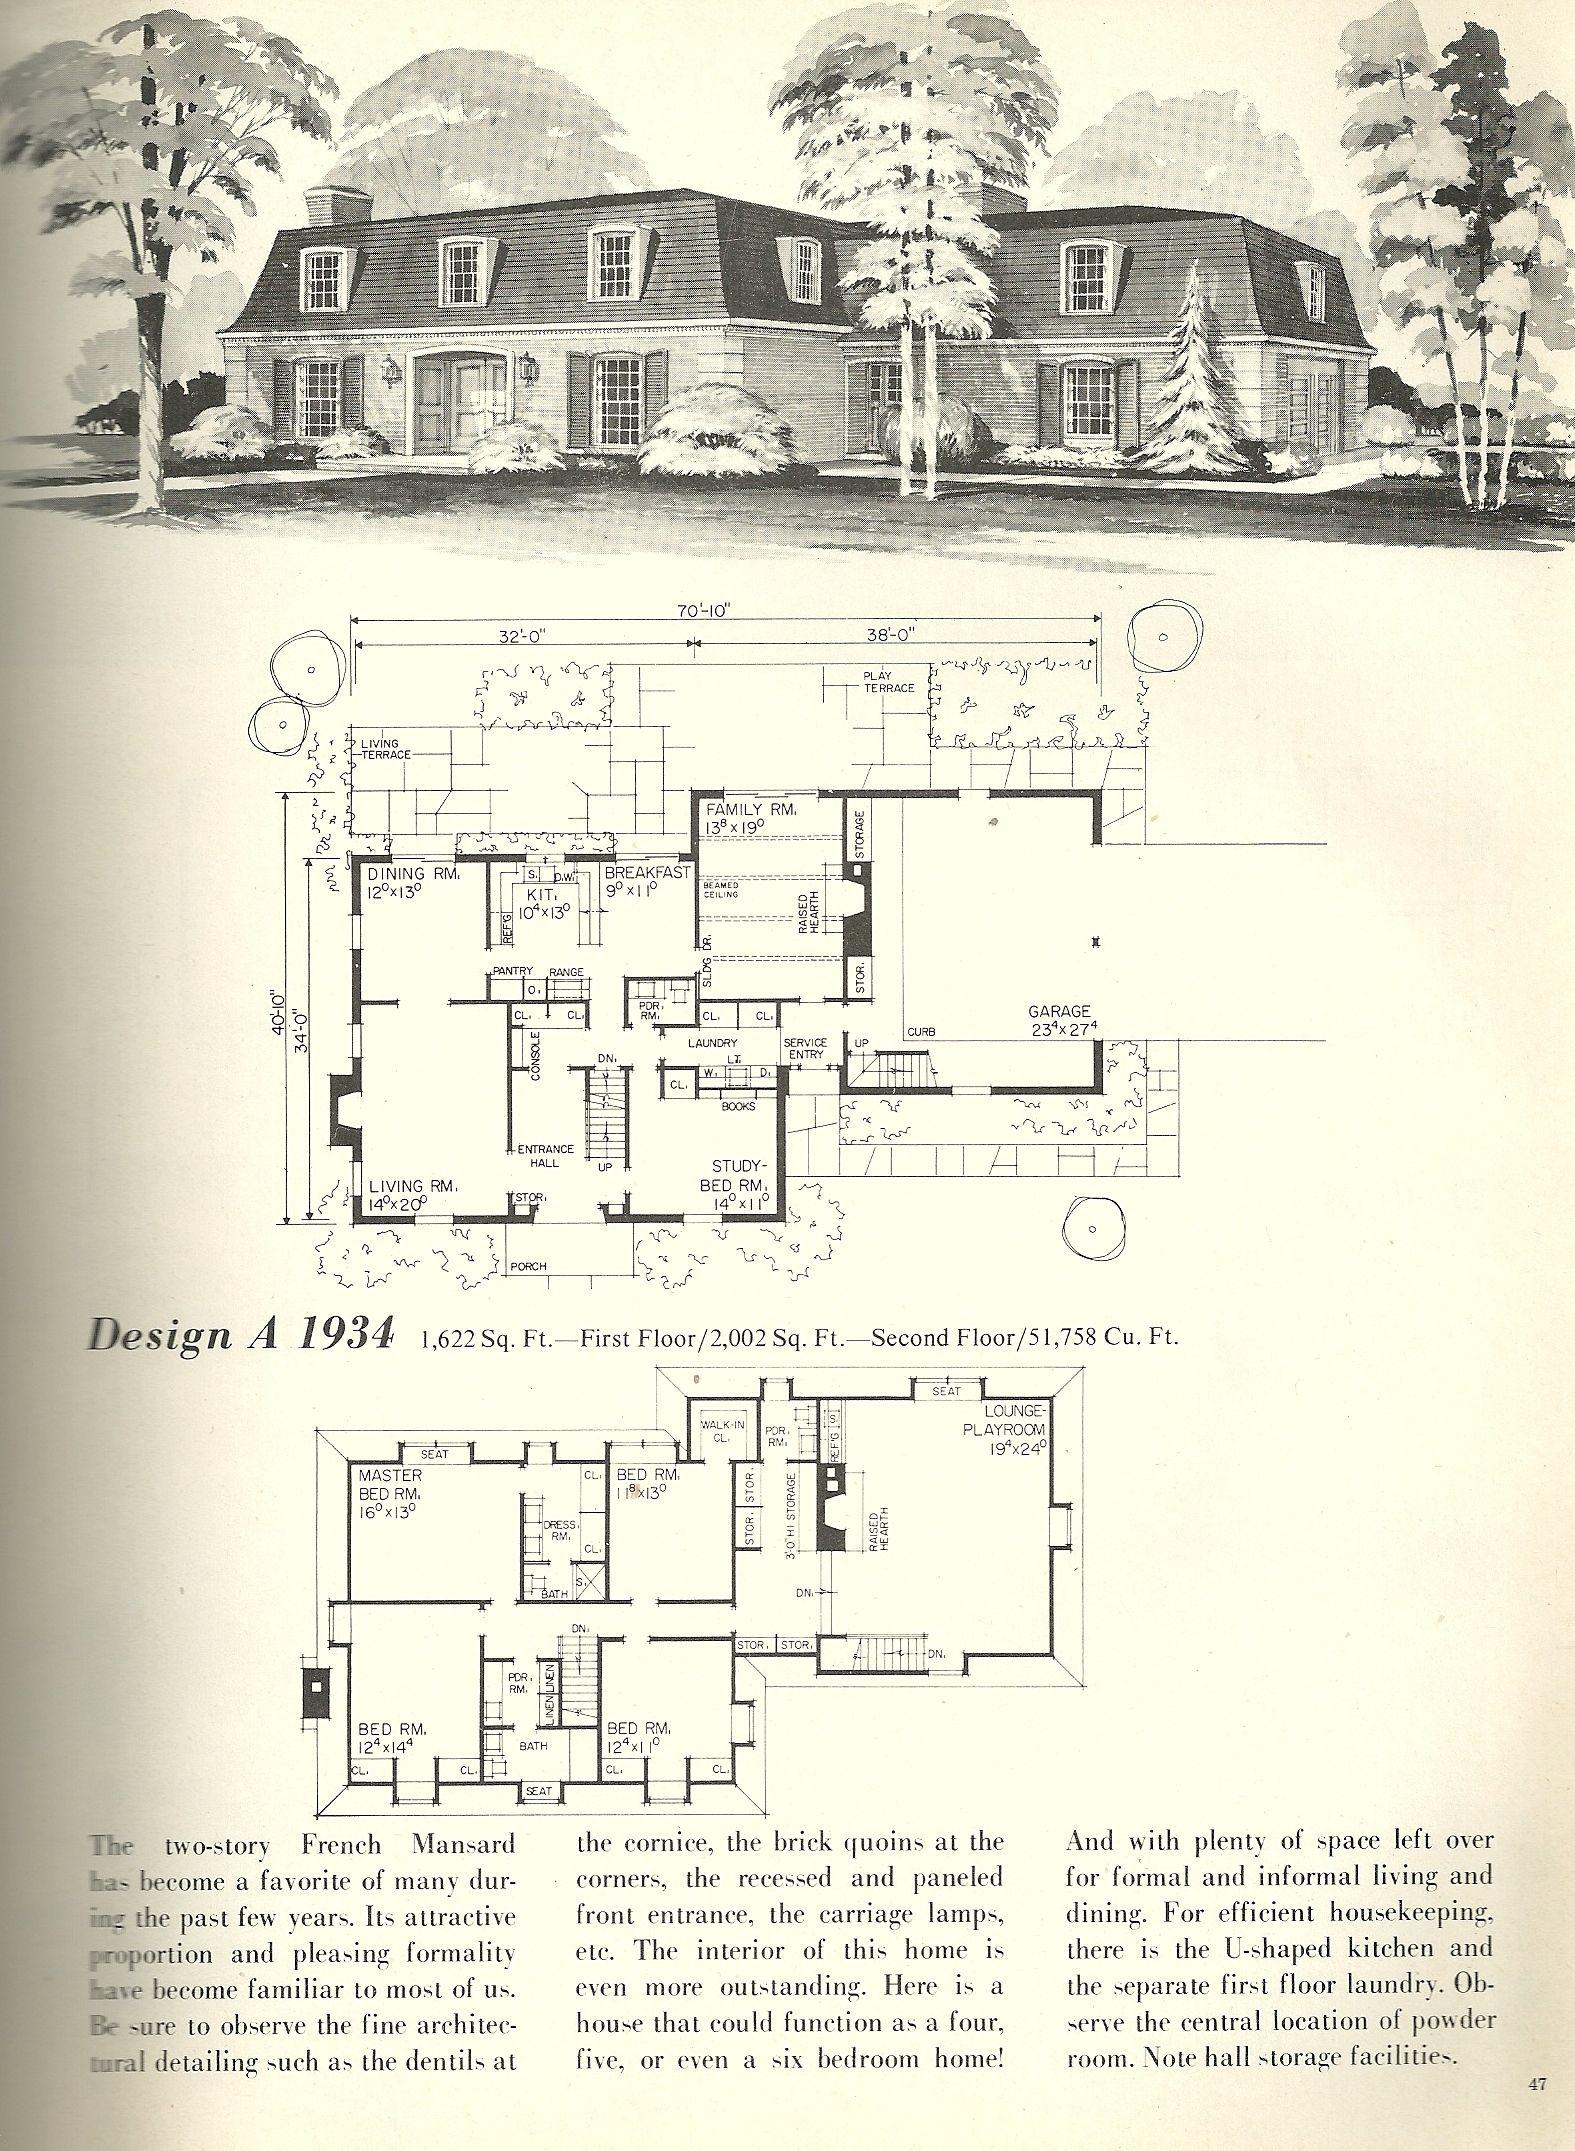 Vintage House Plans French Mansards 3 Vintage House Plans Vintage House Architectural House Plans